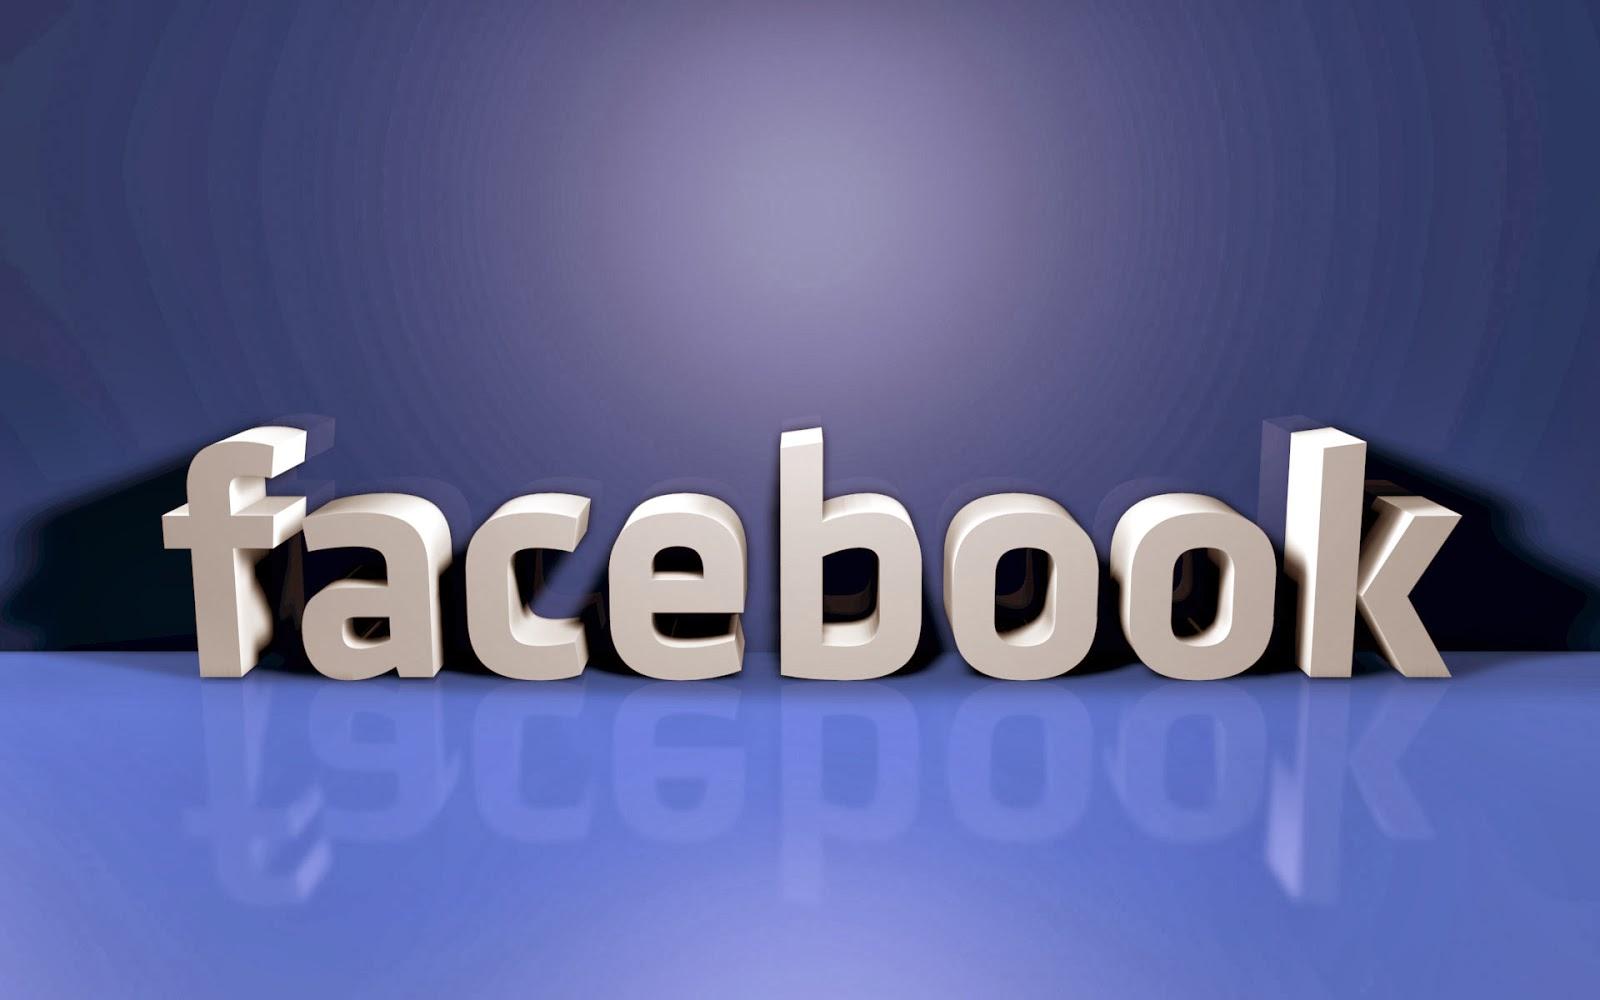 بالصور صور غلاف فايسبوك , صور جديدة للمواقع التواصل الاجتماعي 5324 6